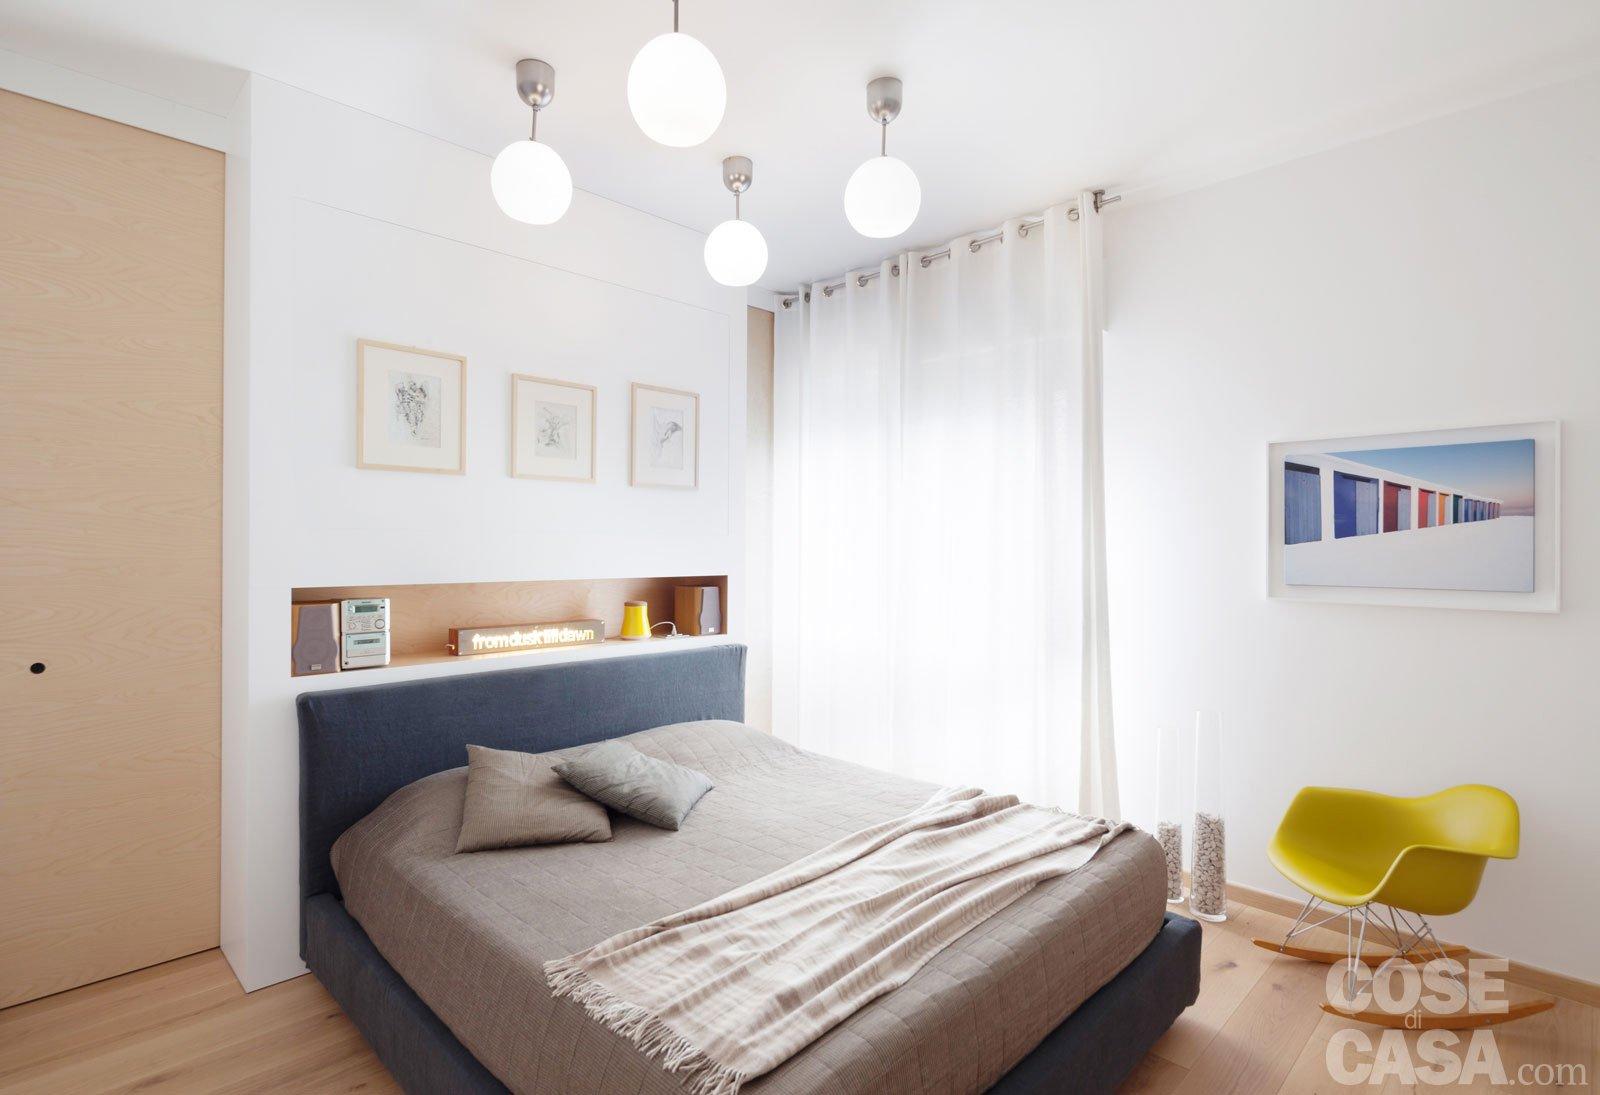 Maxi trilocale design e ispirazioni scandinave per la - Cose per la casa ...